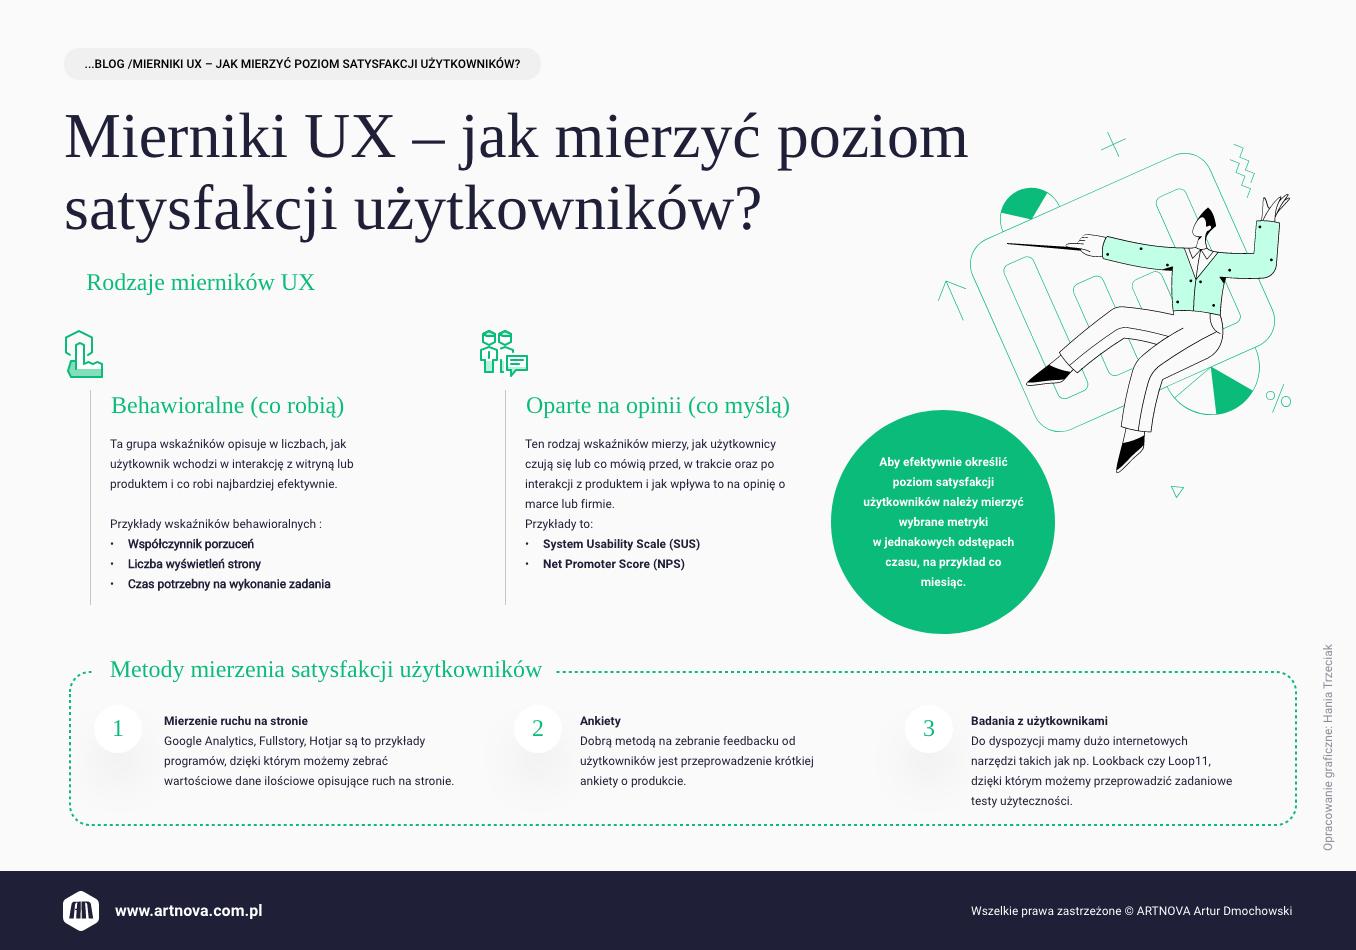 infografika: Mierniki UX - jak mierzyć poziom satysfakcji użytkowników